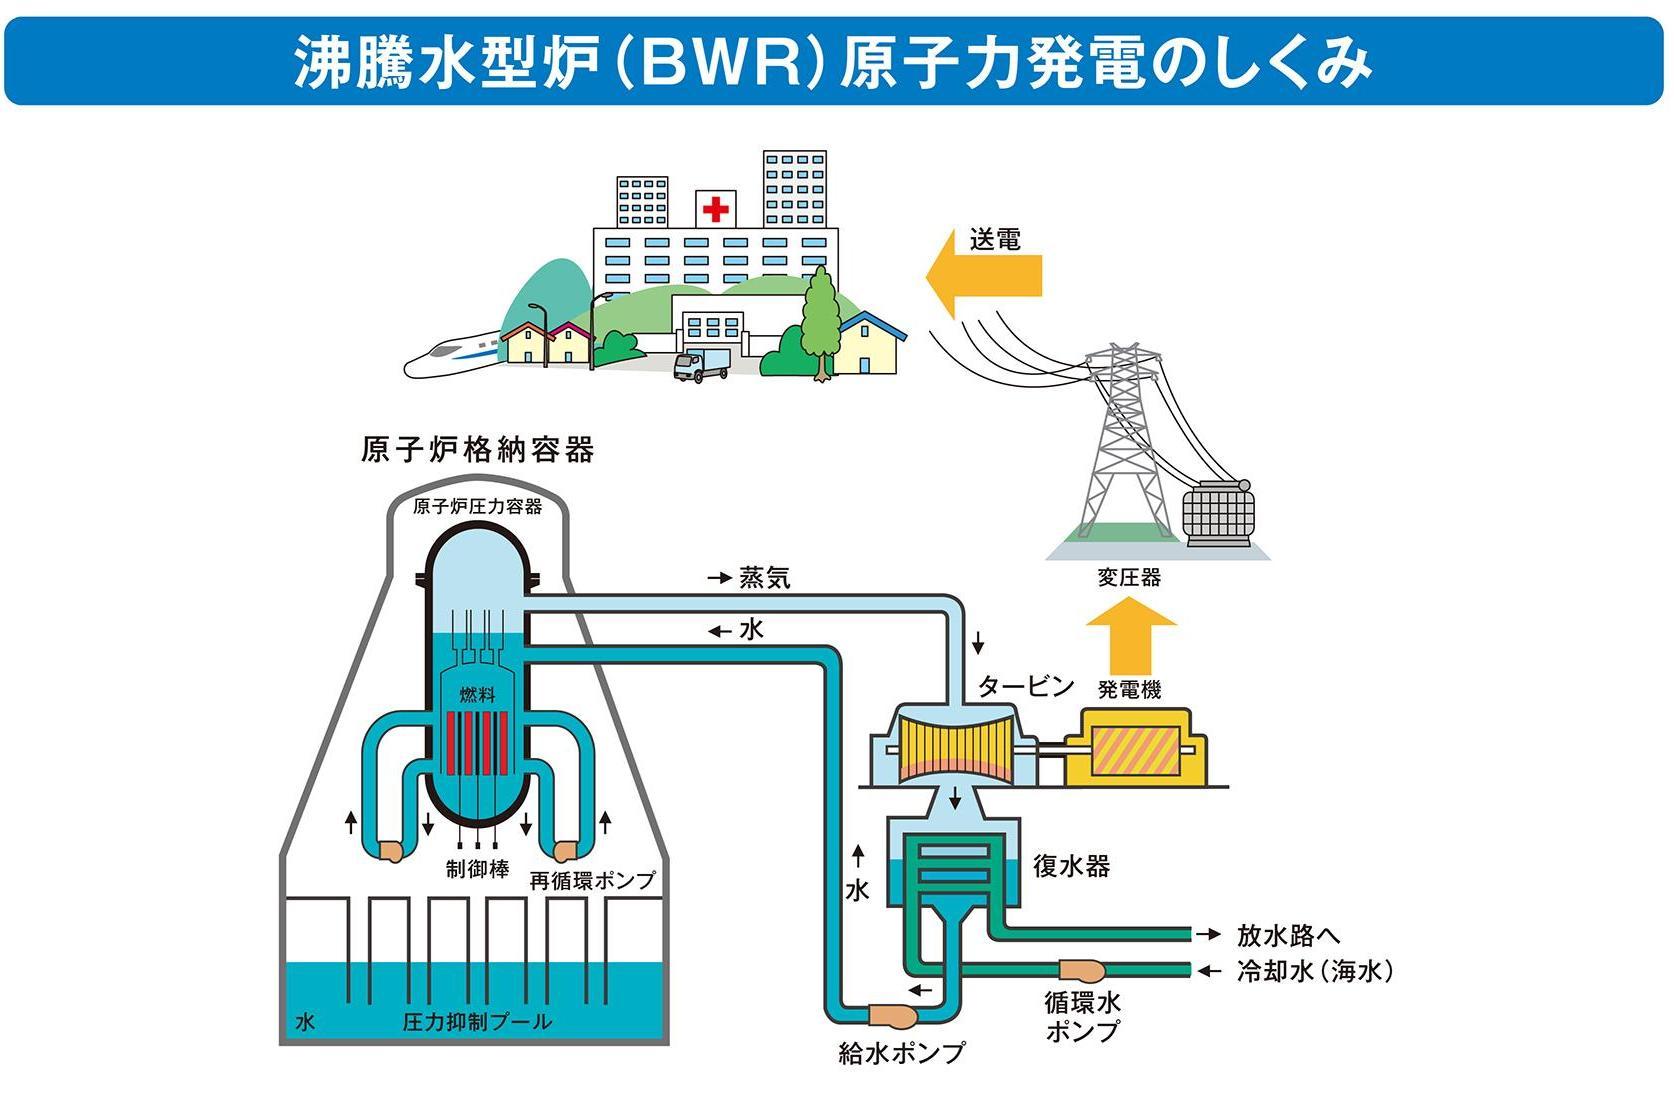 沸騰水型原子炉.jpg